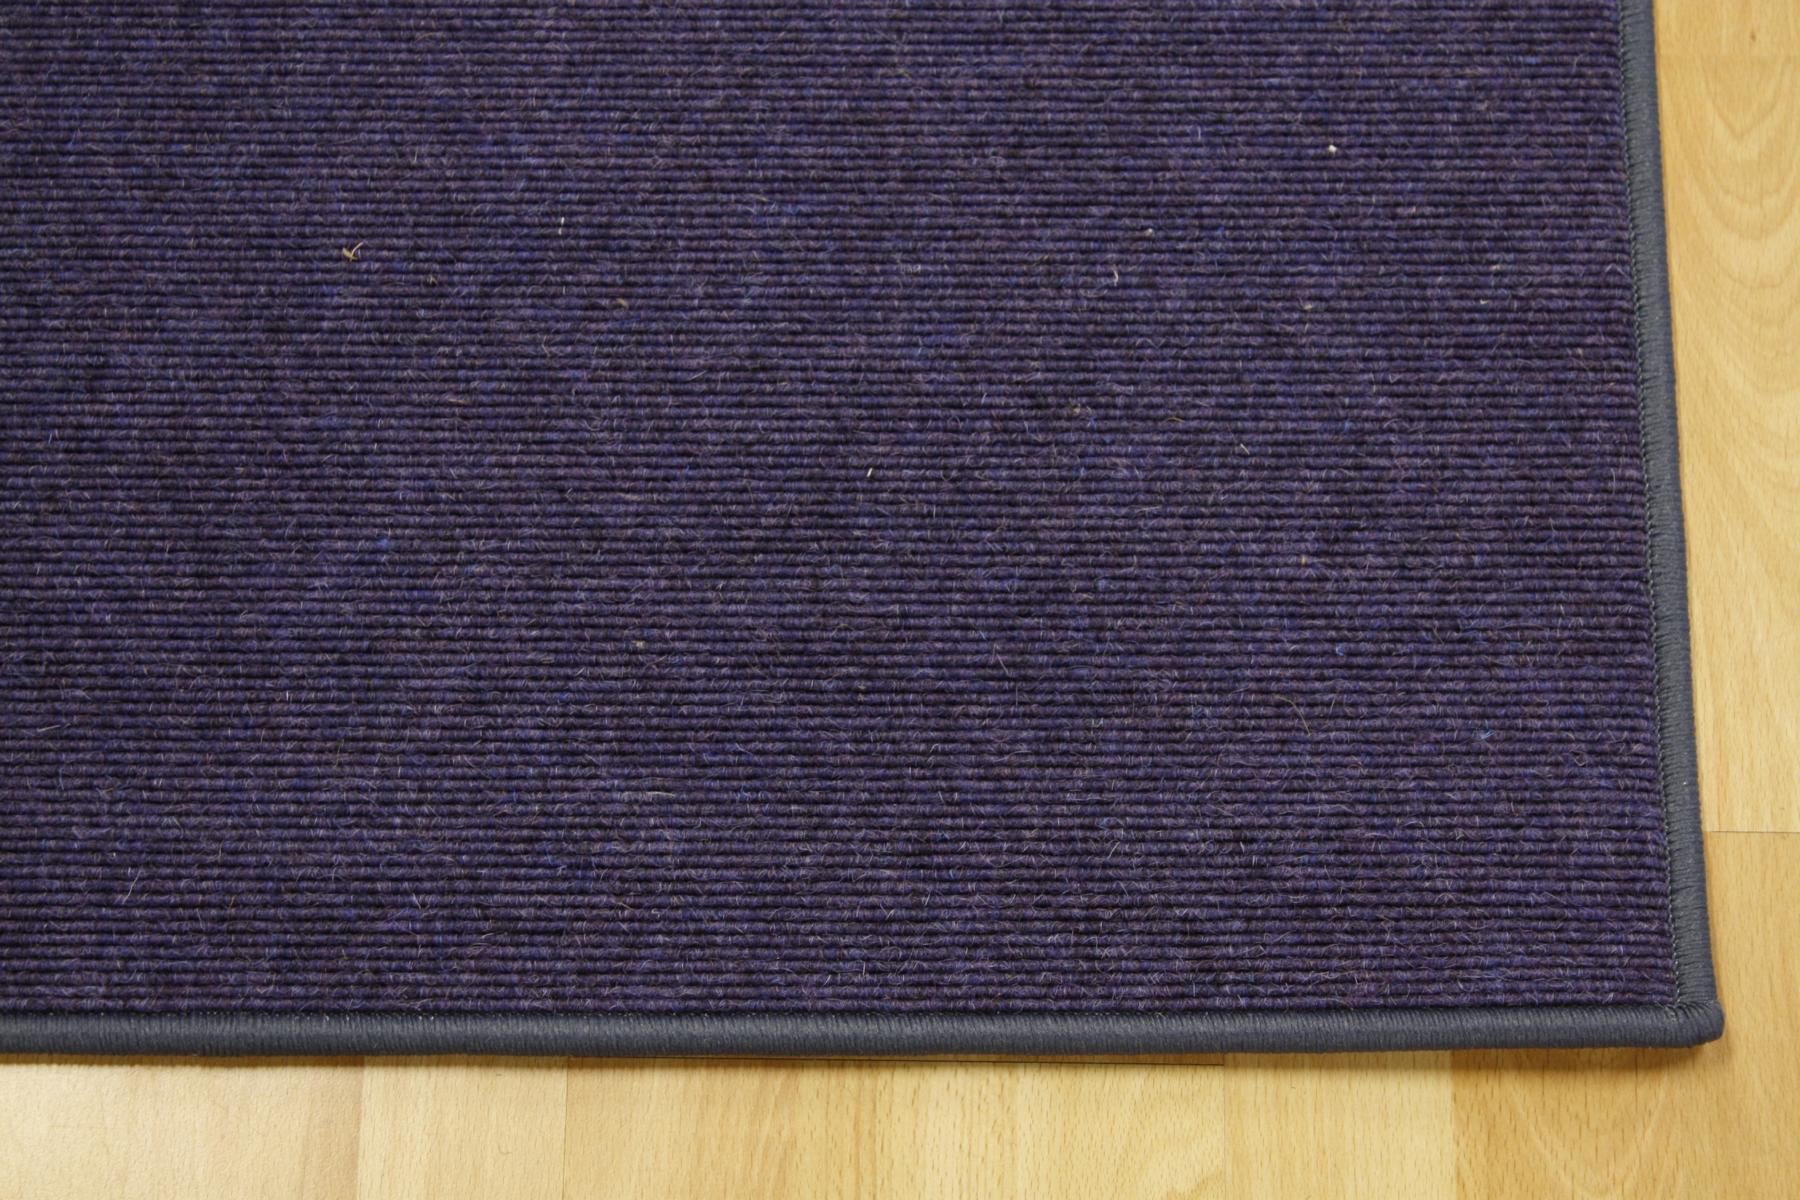 teppich tretford 584 umkettelt 150 x 200 cm ziegenhaar interland ebay. Black Bedroom Furniture Sets. Home Design Ideas